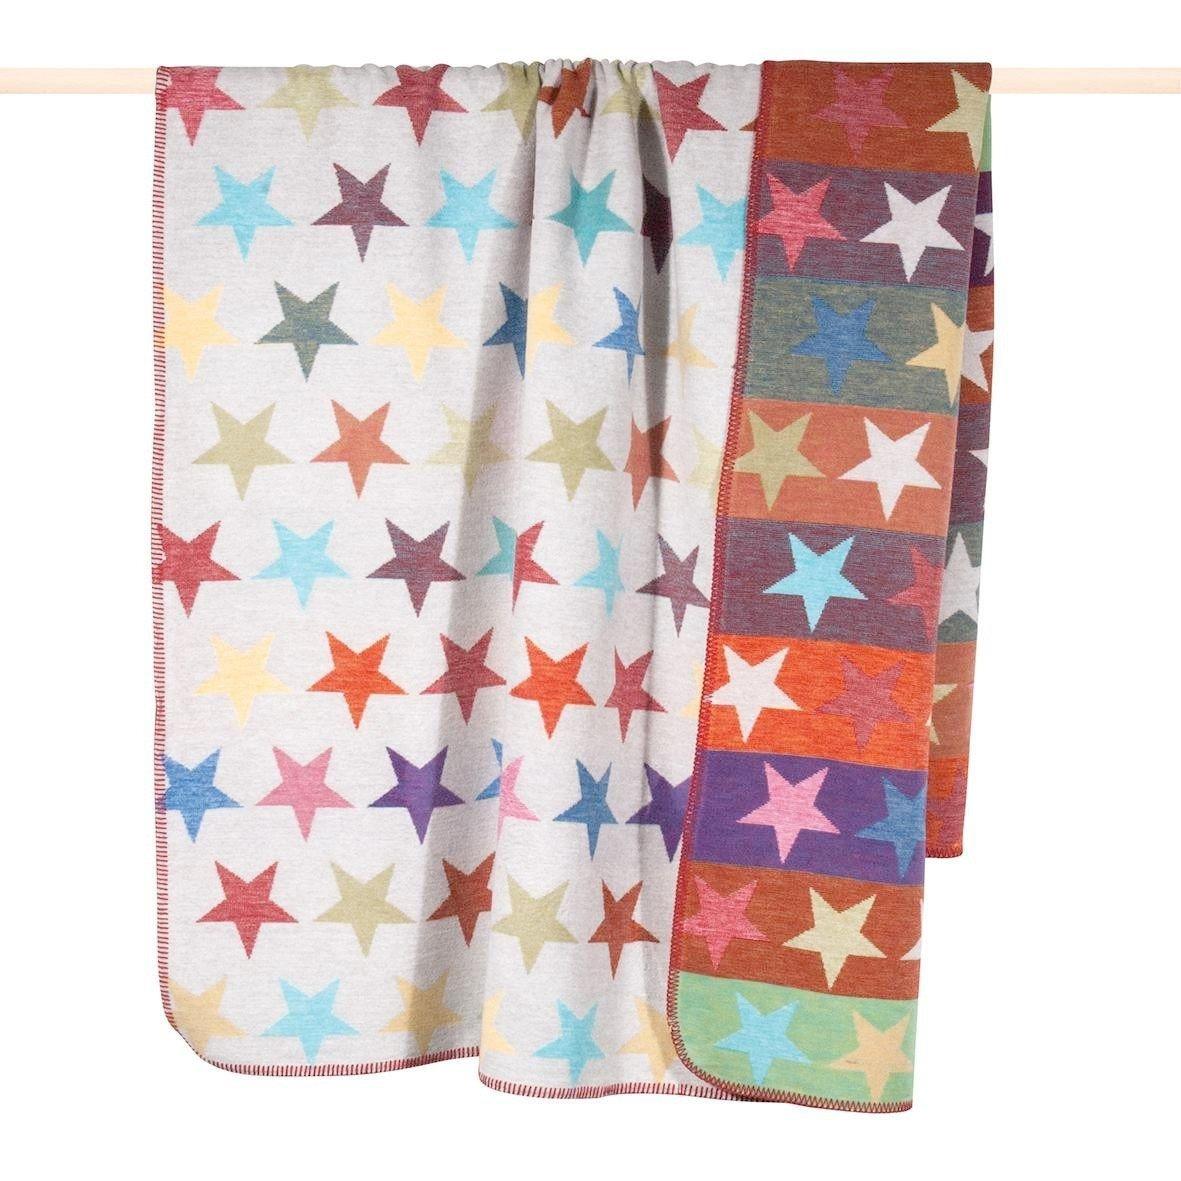 Pad - Decke - Kuscheldecke - Wendedecke - Stars Sterne - Multi - 150 x 200 cm